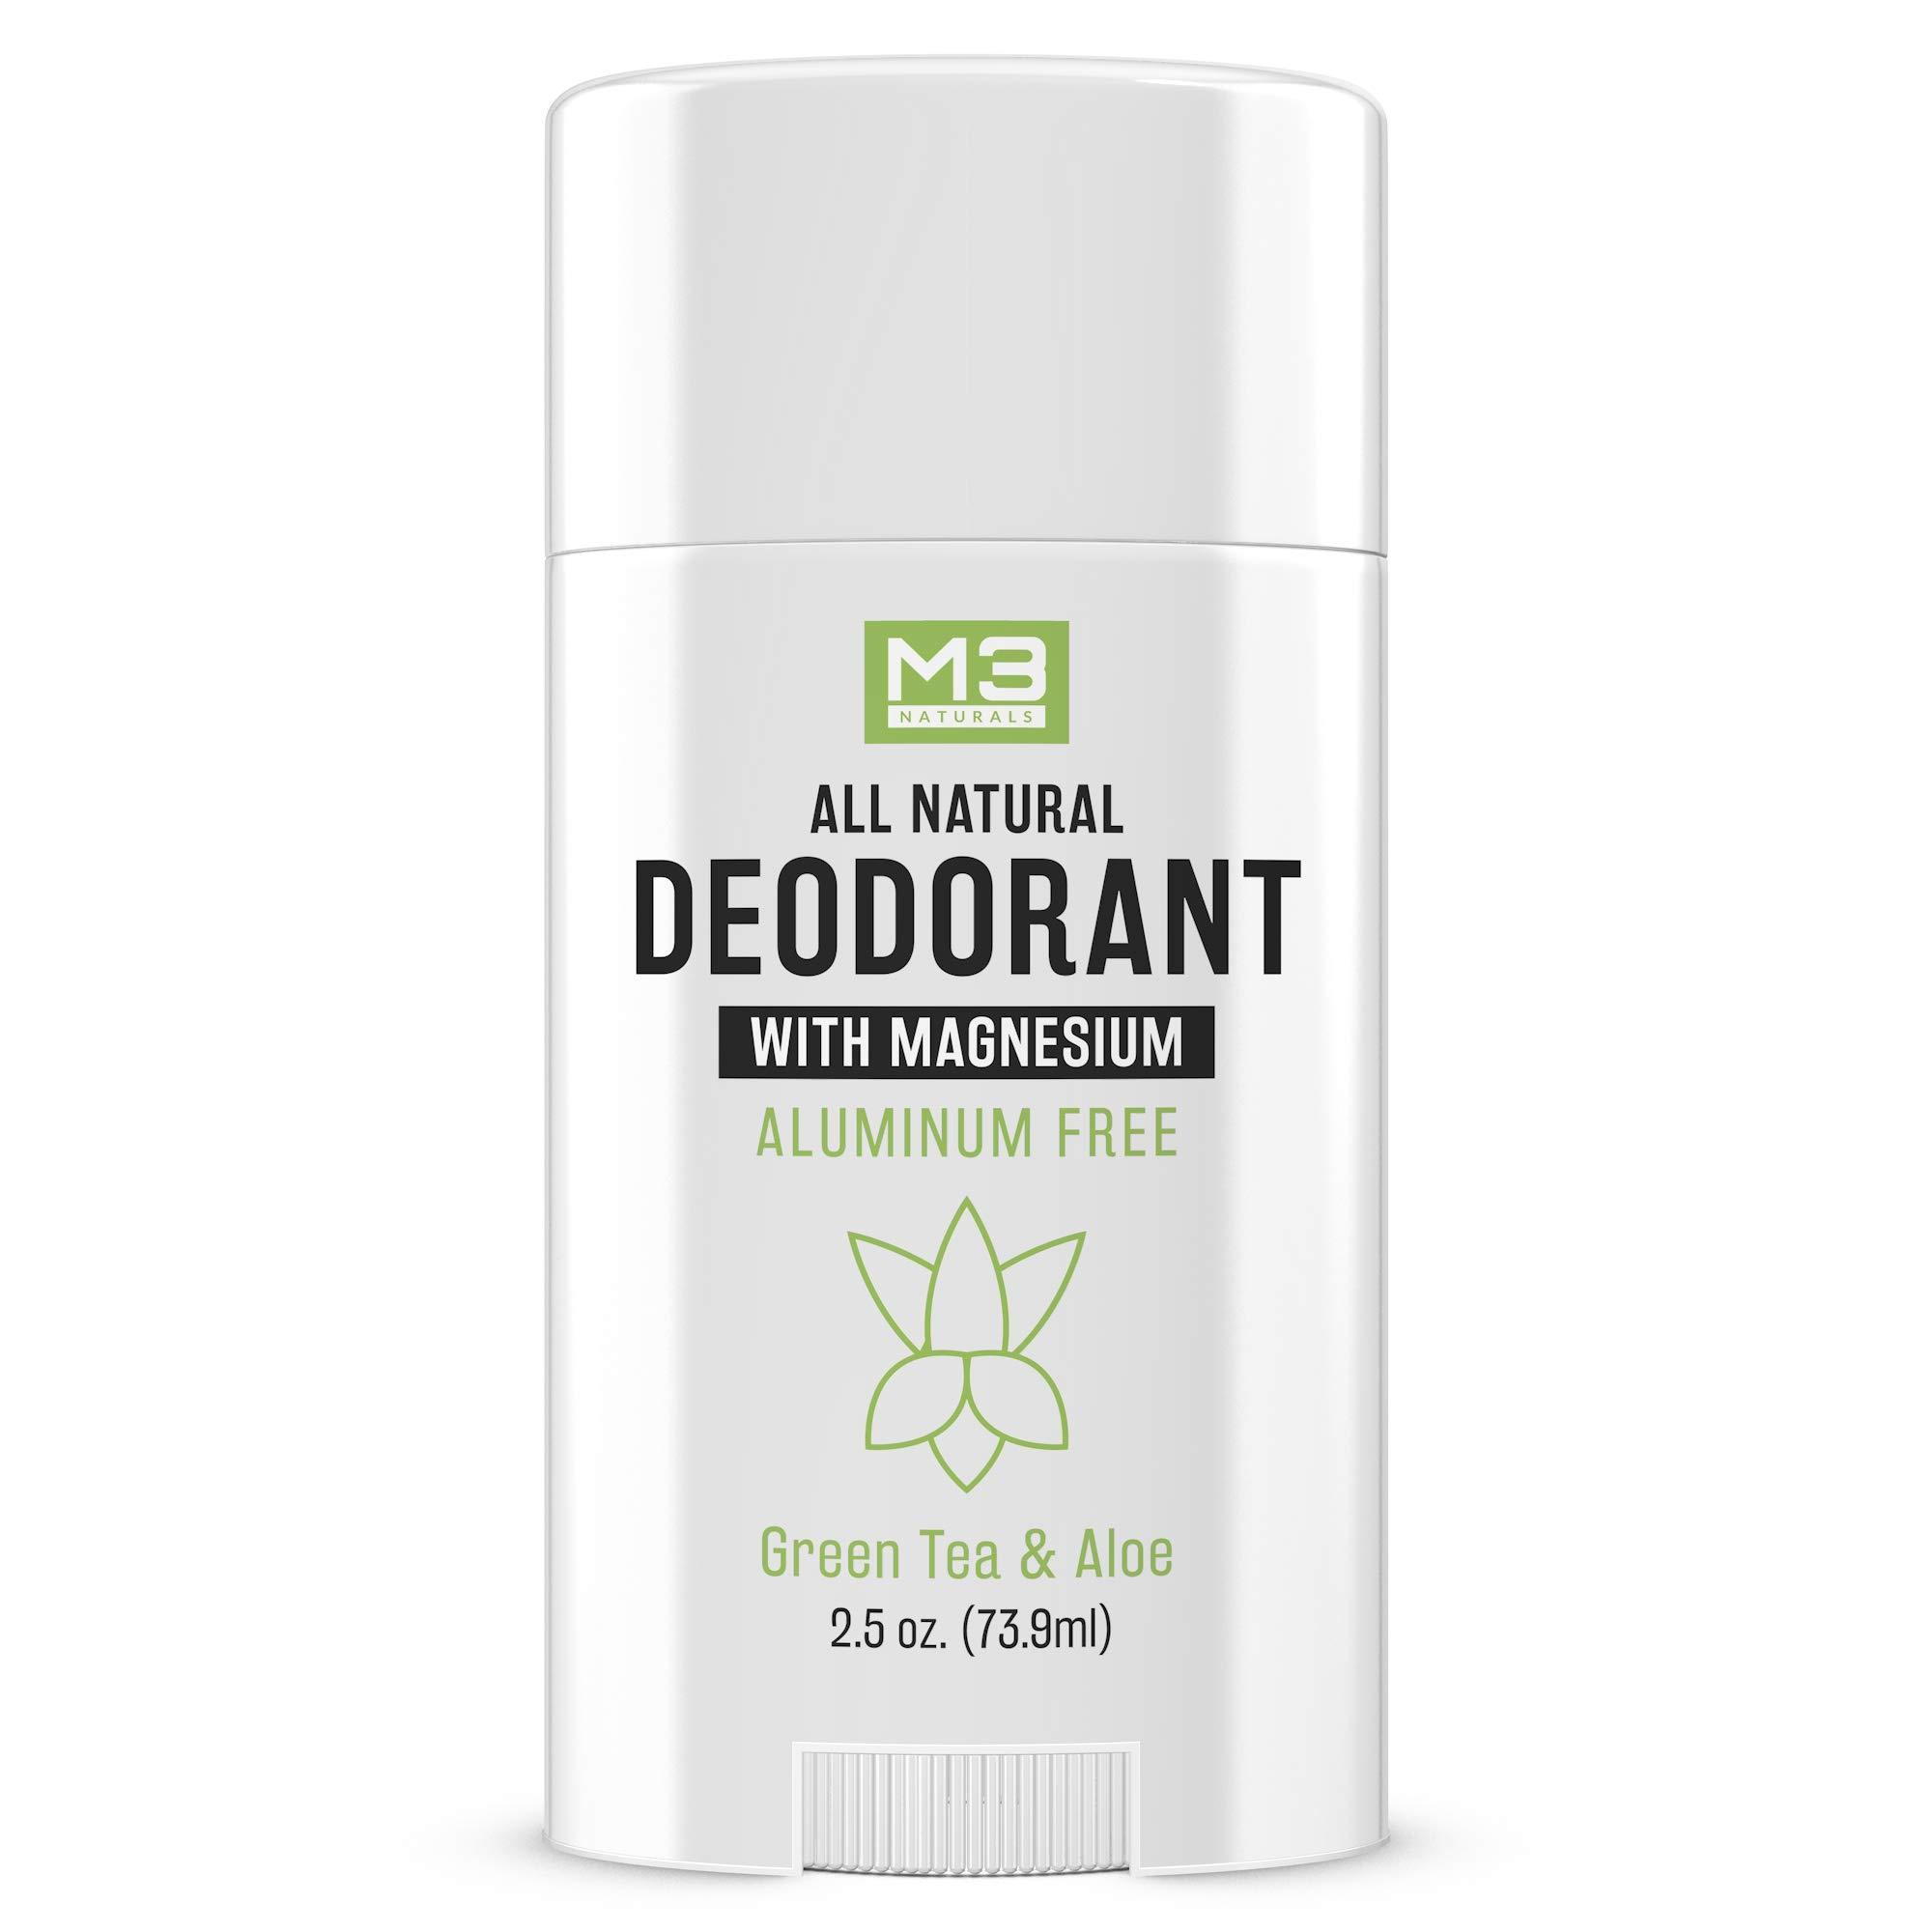 M3 Naturals Deodorant Magnesium Aluminum